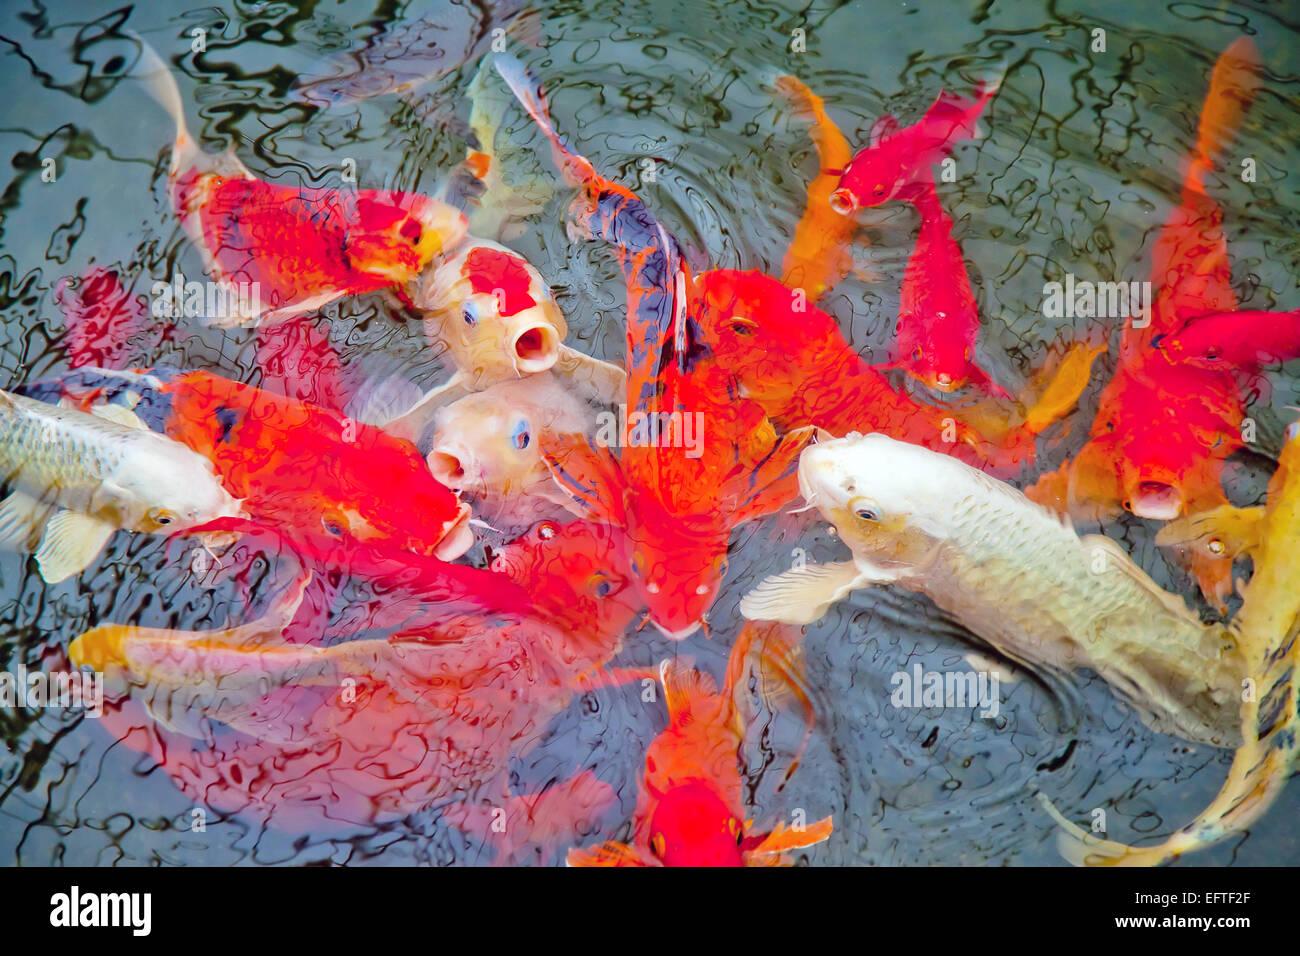 Uno spettacolare pesce Koi in una piscina per la raccolta di cibo Immagini Stock